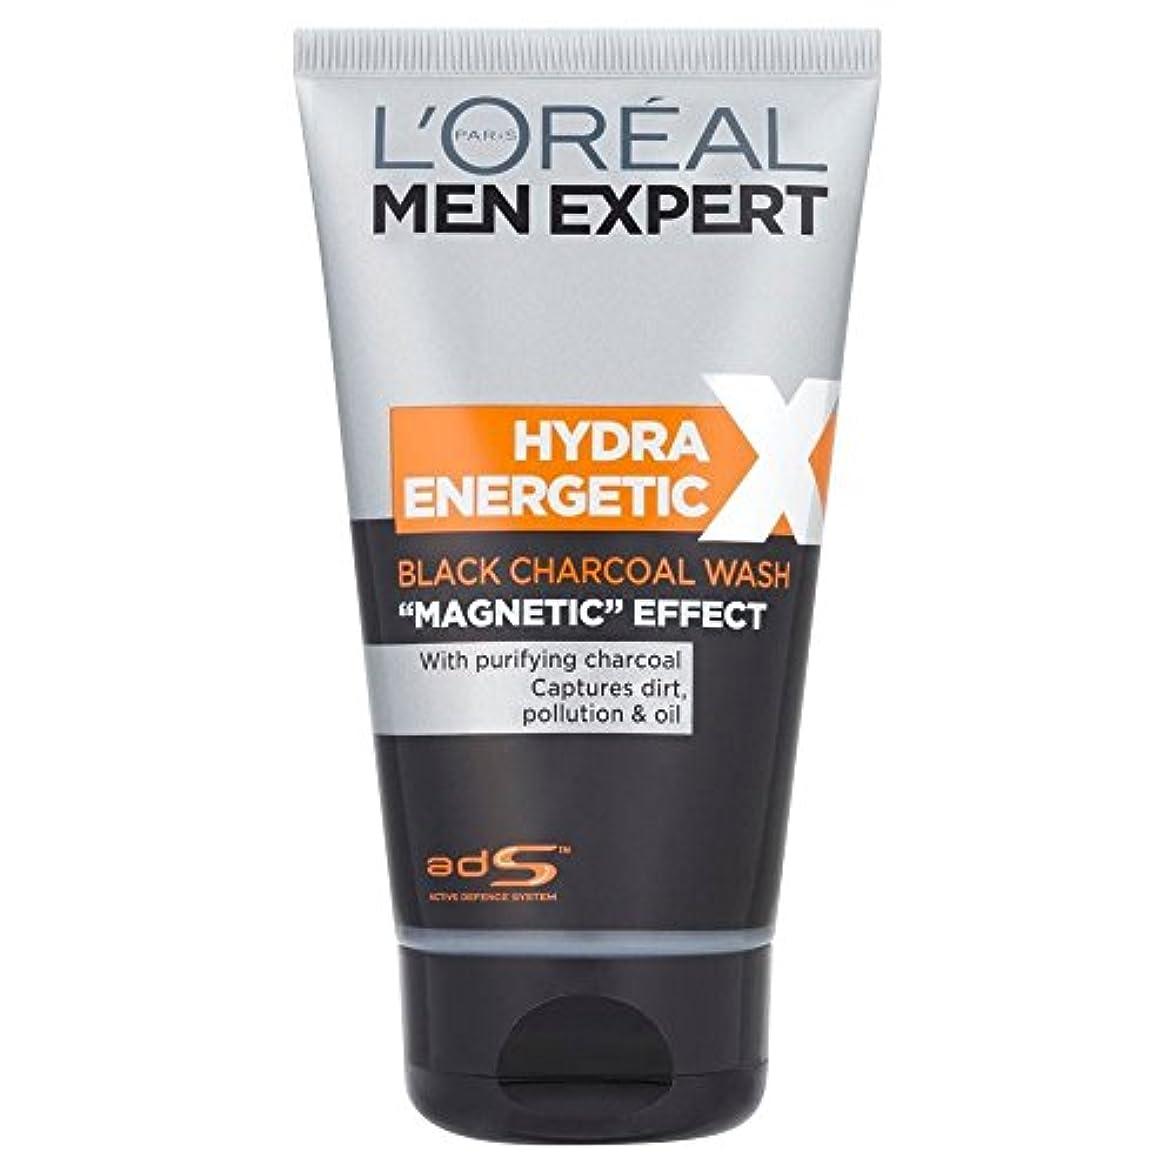 ターミナル頭痛砲兵L'Oreal Paris Men Expert Hydra Energetic Daily Purifying Wash (150ml) L'オラ?アルパリのメンズ専門ヒドラエネルギッシュな毎日の浄化洗浄( 150ミリリットル)